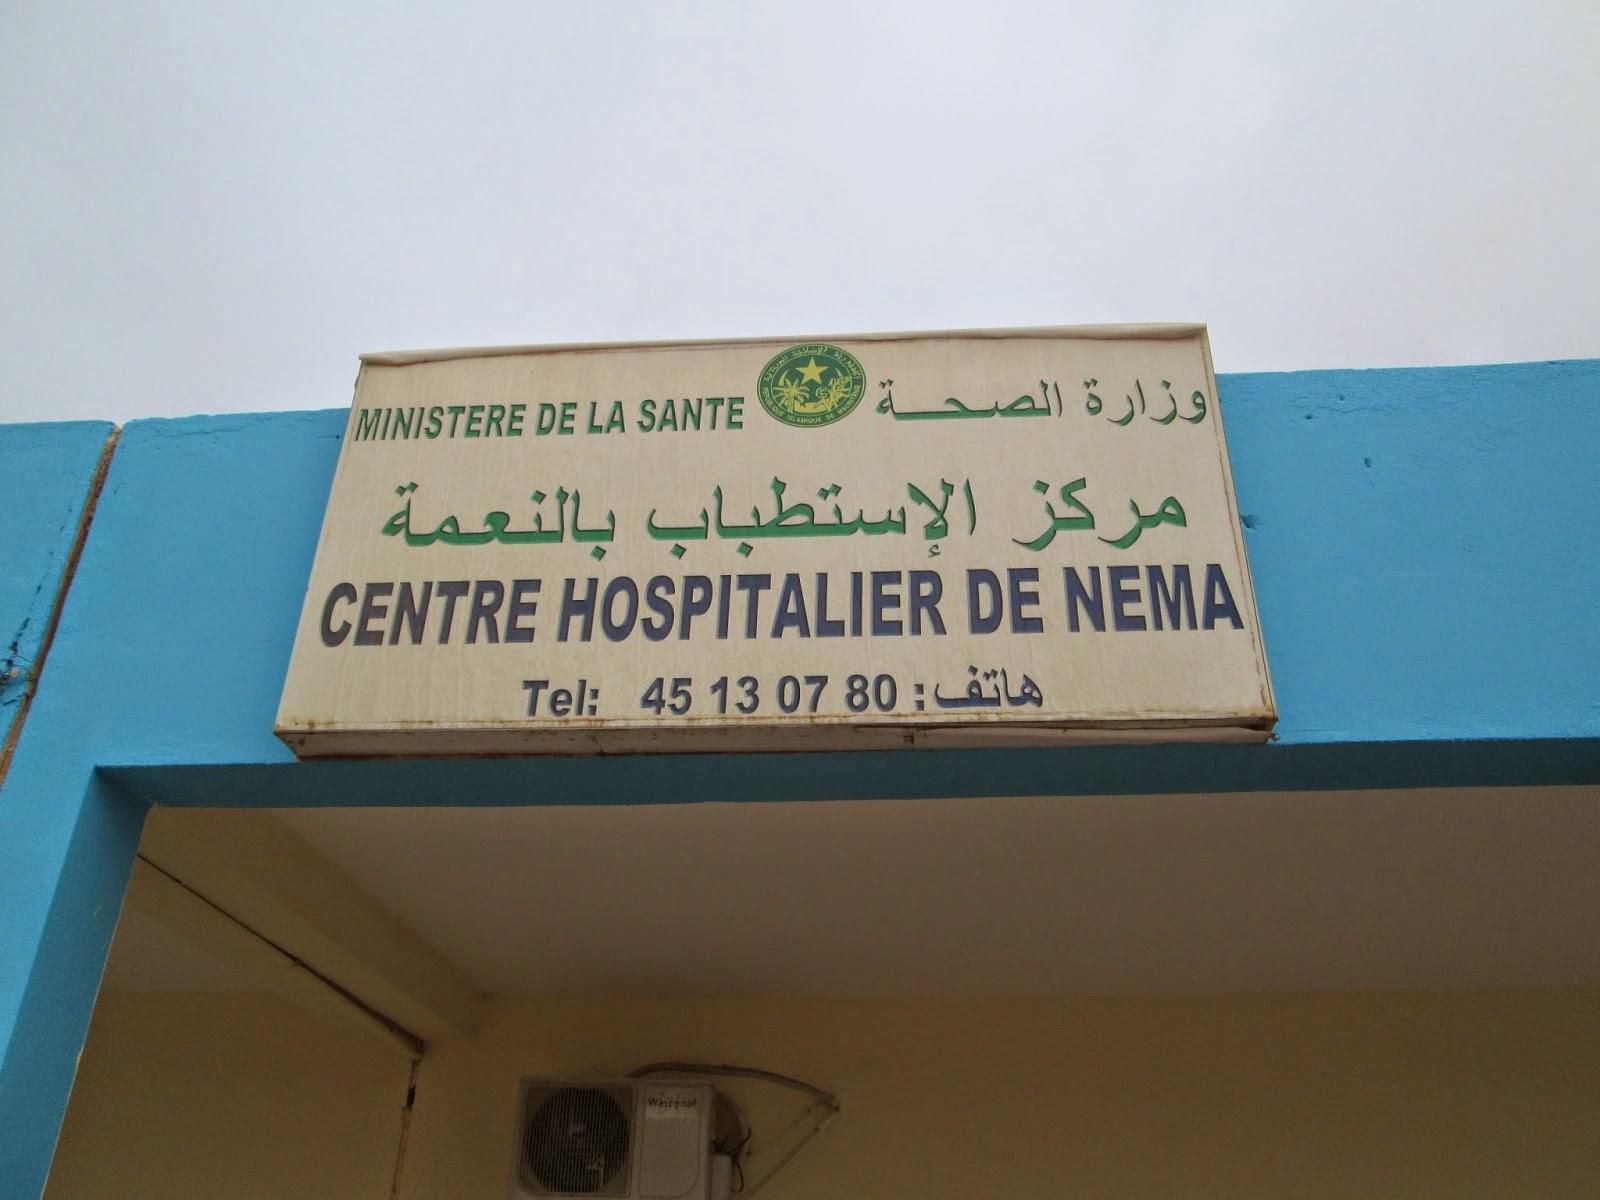 مركز الاستطباب الوطني في مدينة النعمة شرقي موريتانيا